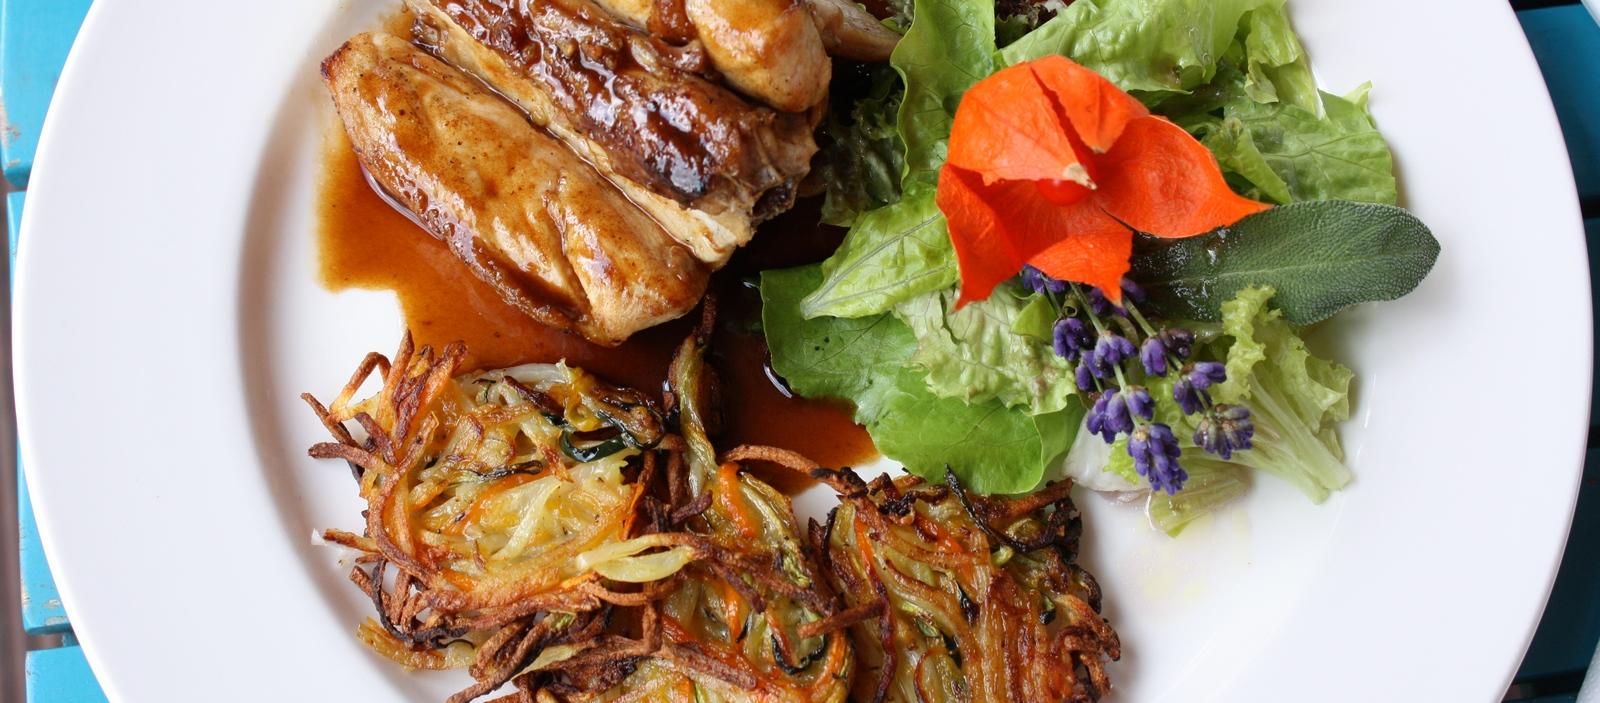 Sezonowe, polskie produkty to znane smaki